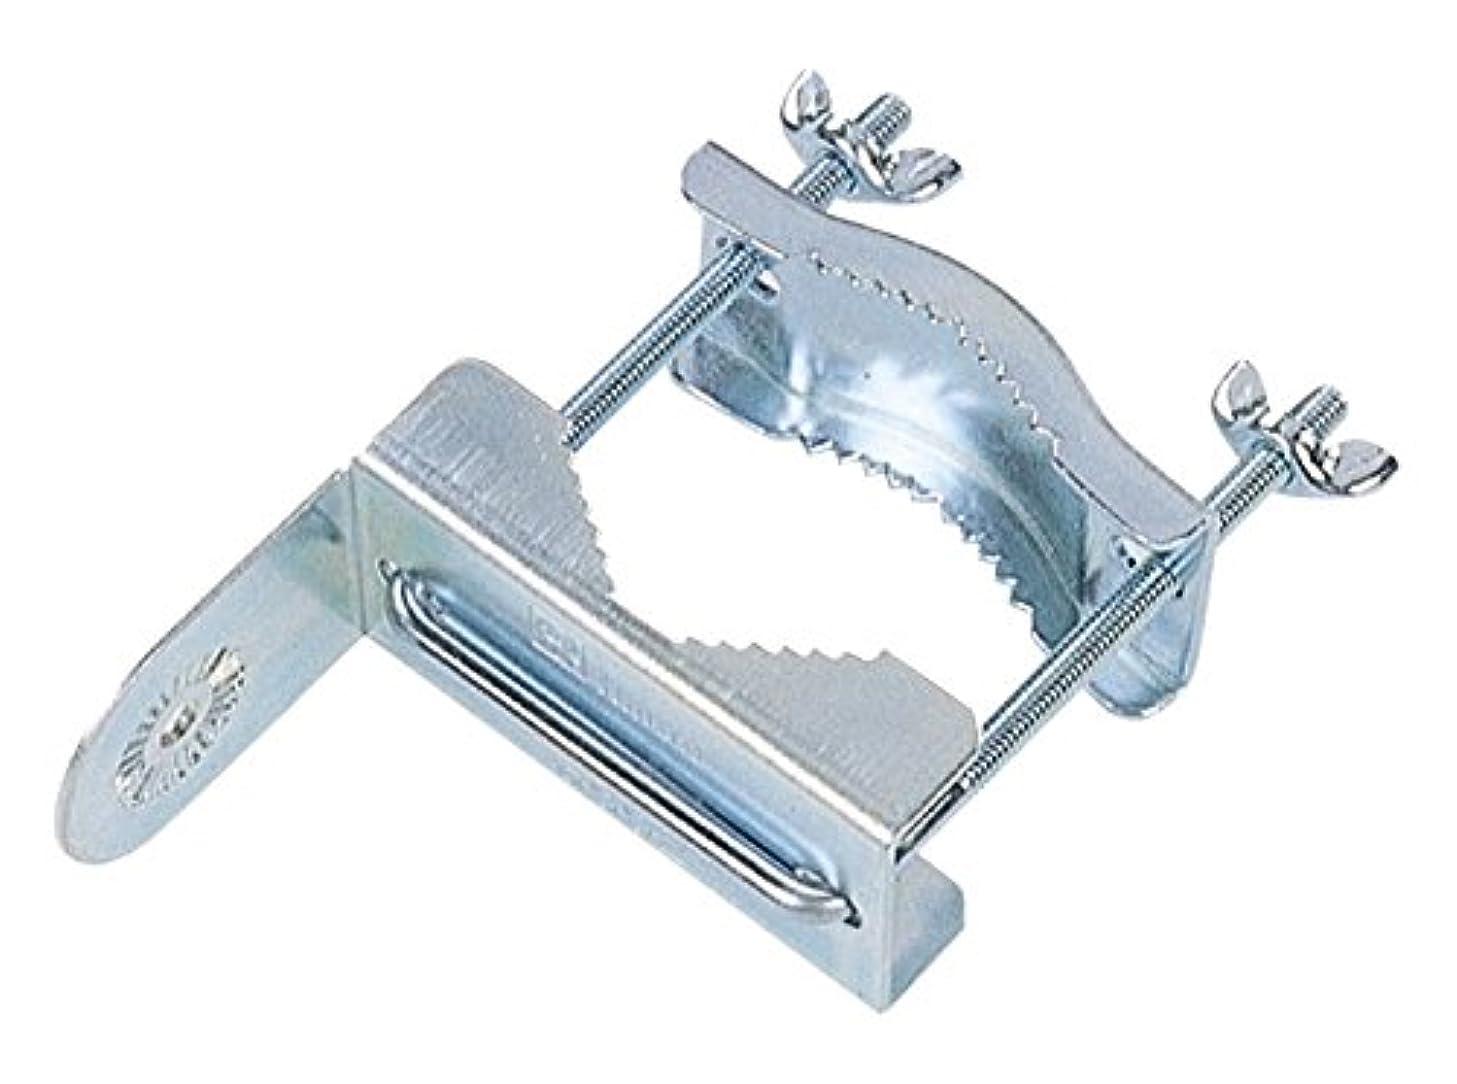 評議会ベギンブラウスMYST(マイスト) ガレージミラー ポール用取付金具(ポール径φ15~φ60mm) (5107)